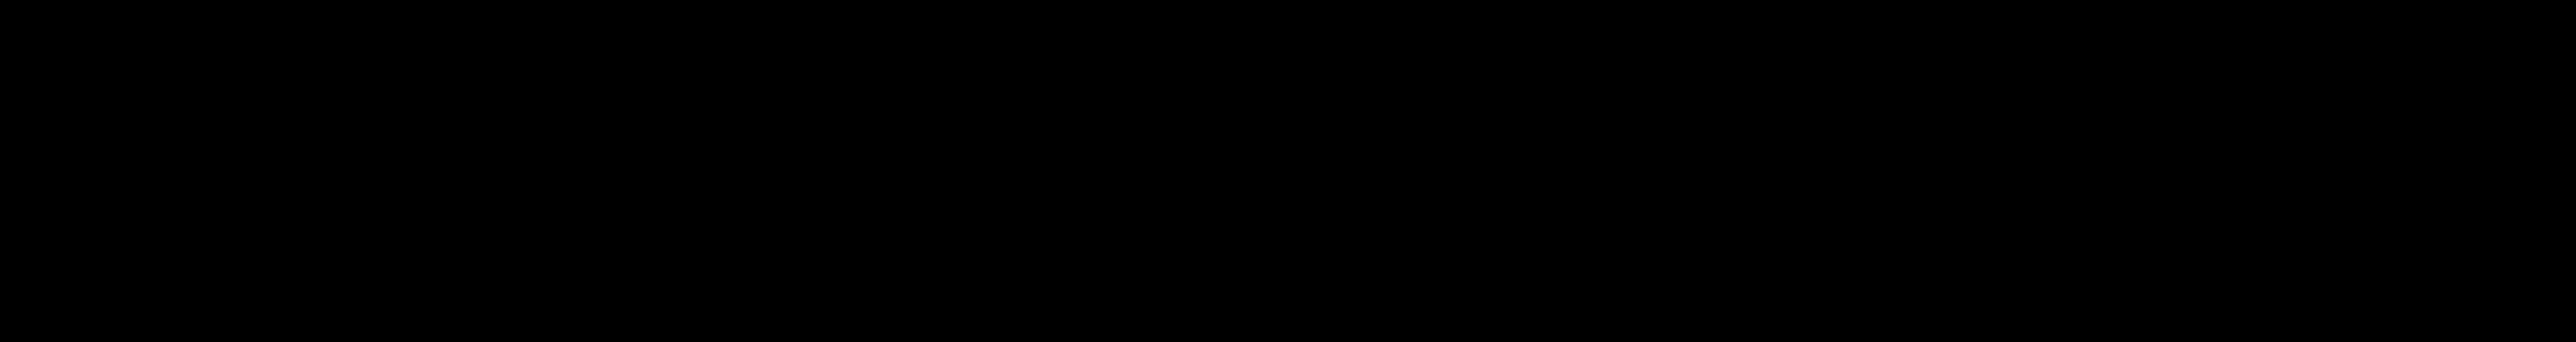 wsj-1